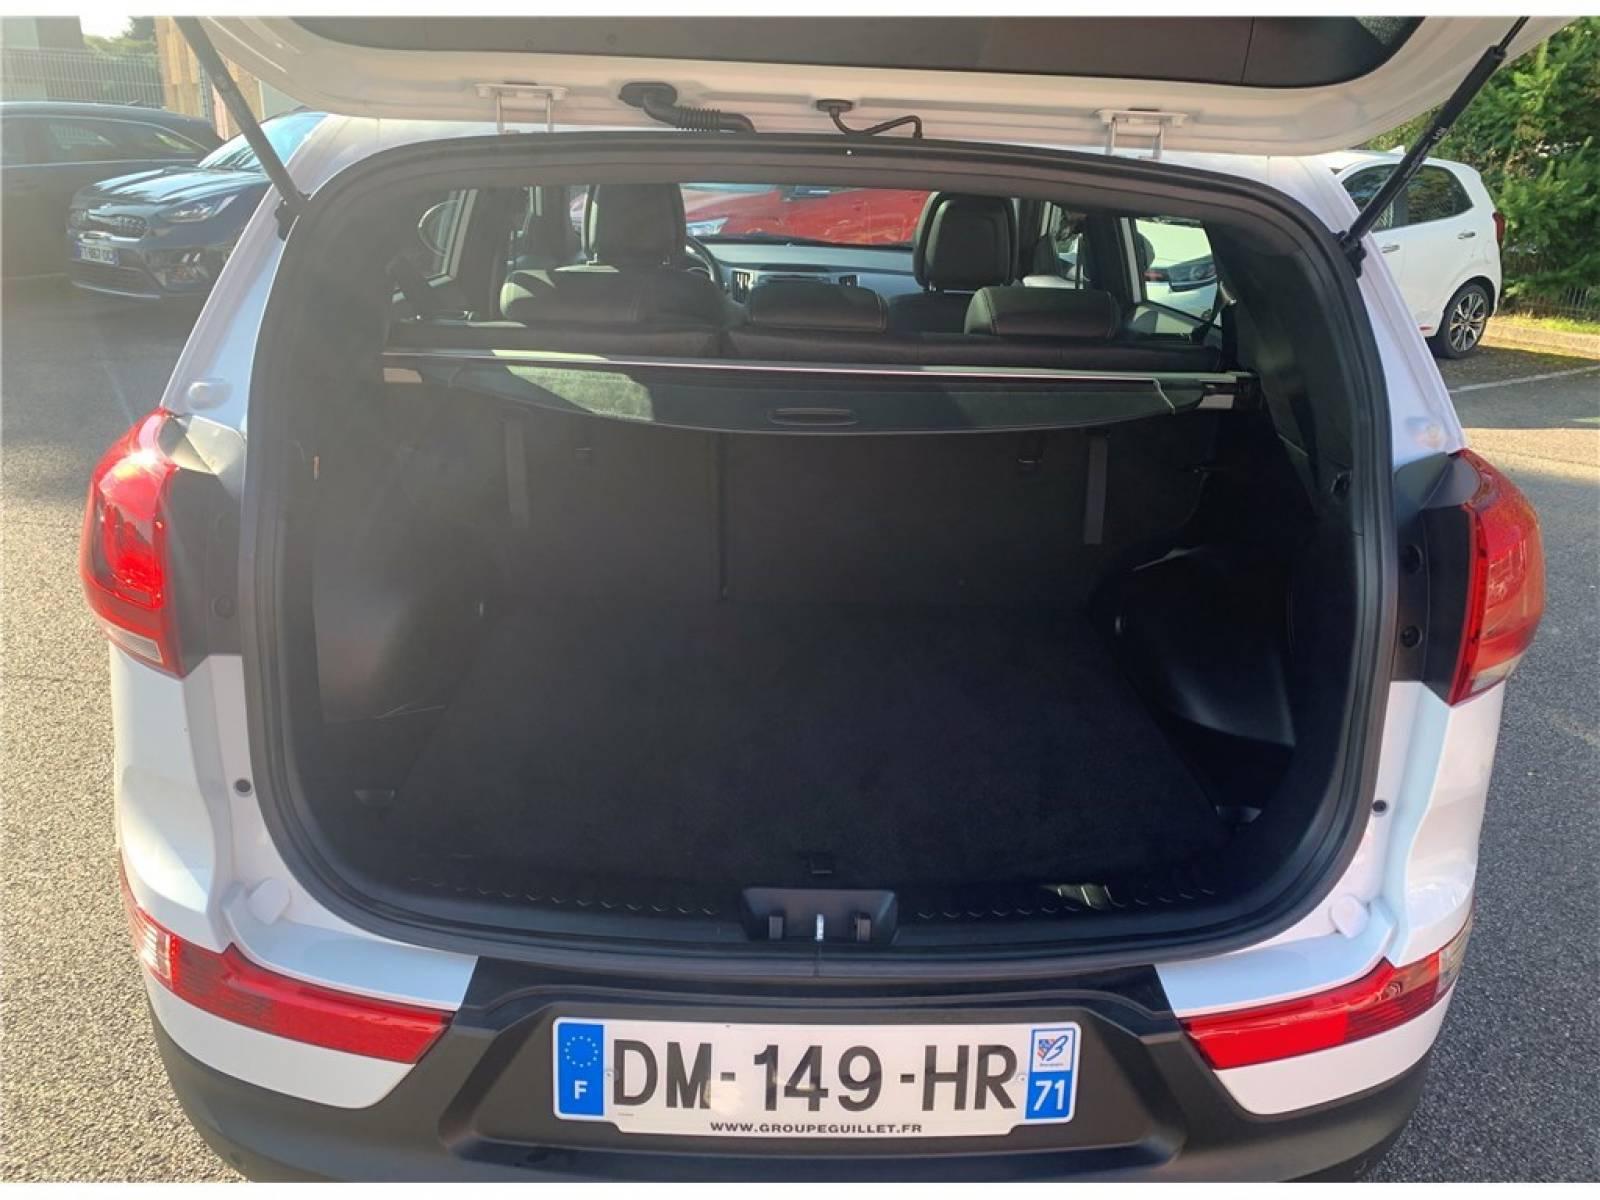 KIA Sportage 1.7 CRDi 115 ISG 4x2 - véhicule d'occasion - Groupe Guillet - Hall de l'automobile - Chalon sur Saône - 71380 - Saint-Marcel - 6